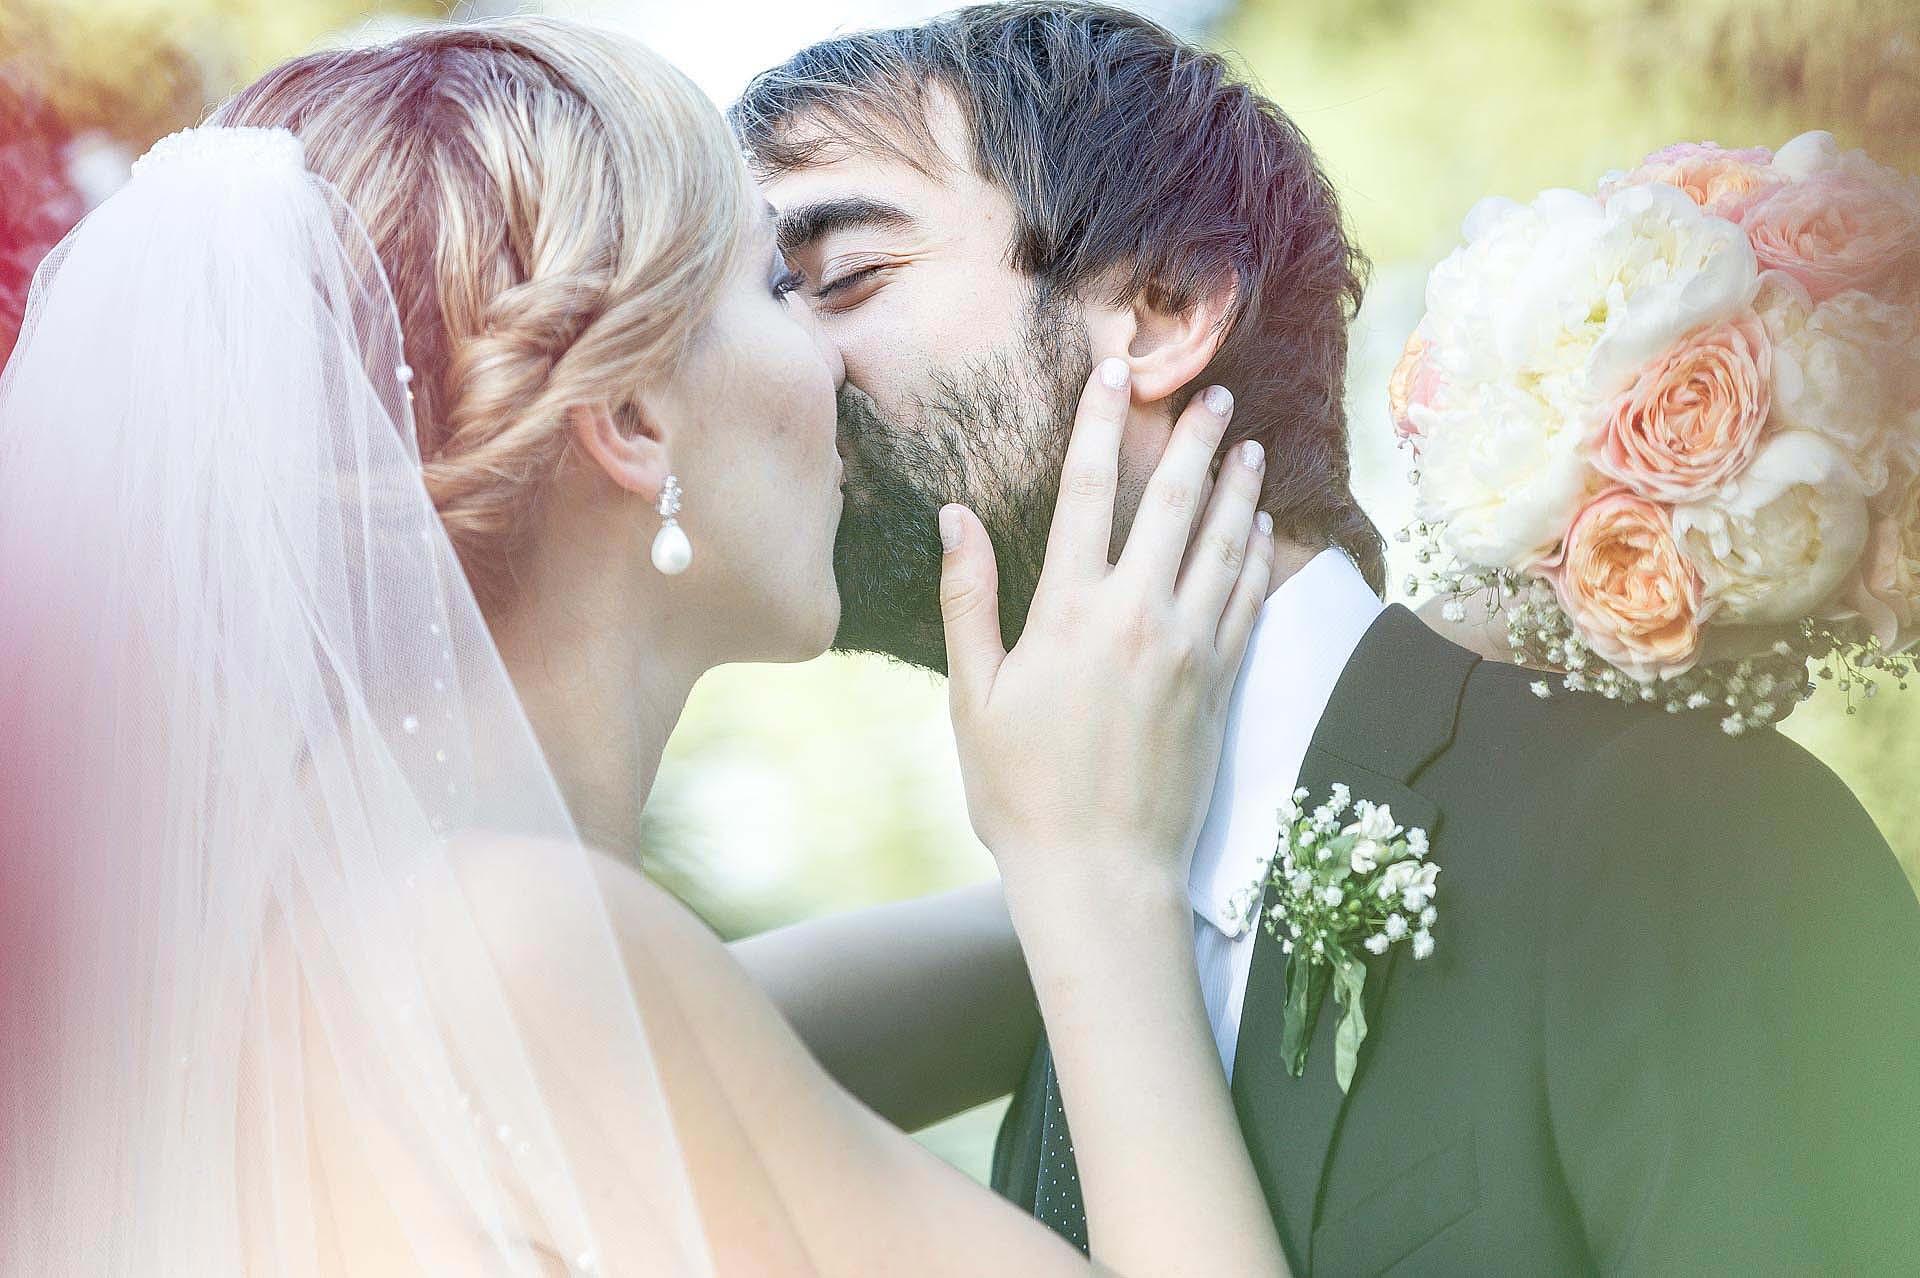 foto-ritratti-matrimonio-roma-5